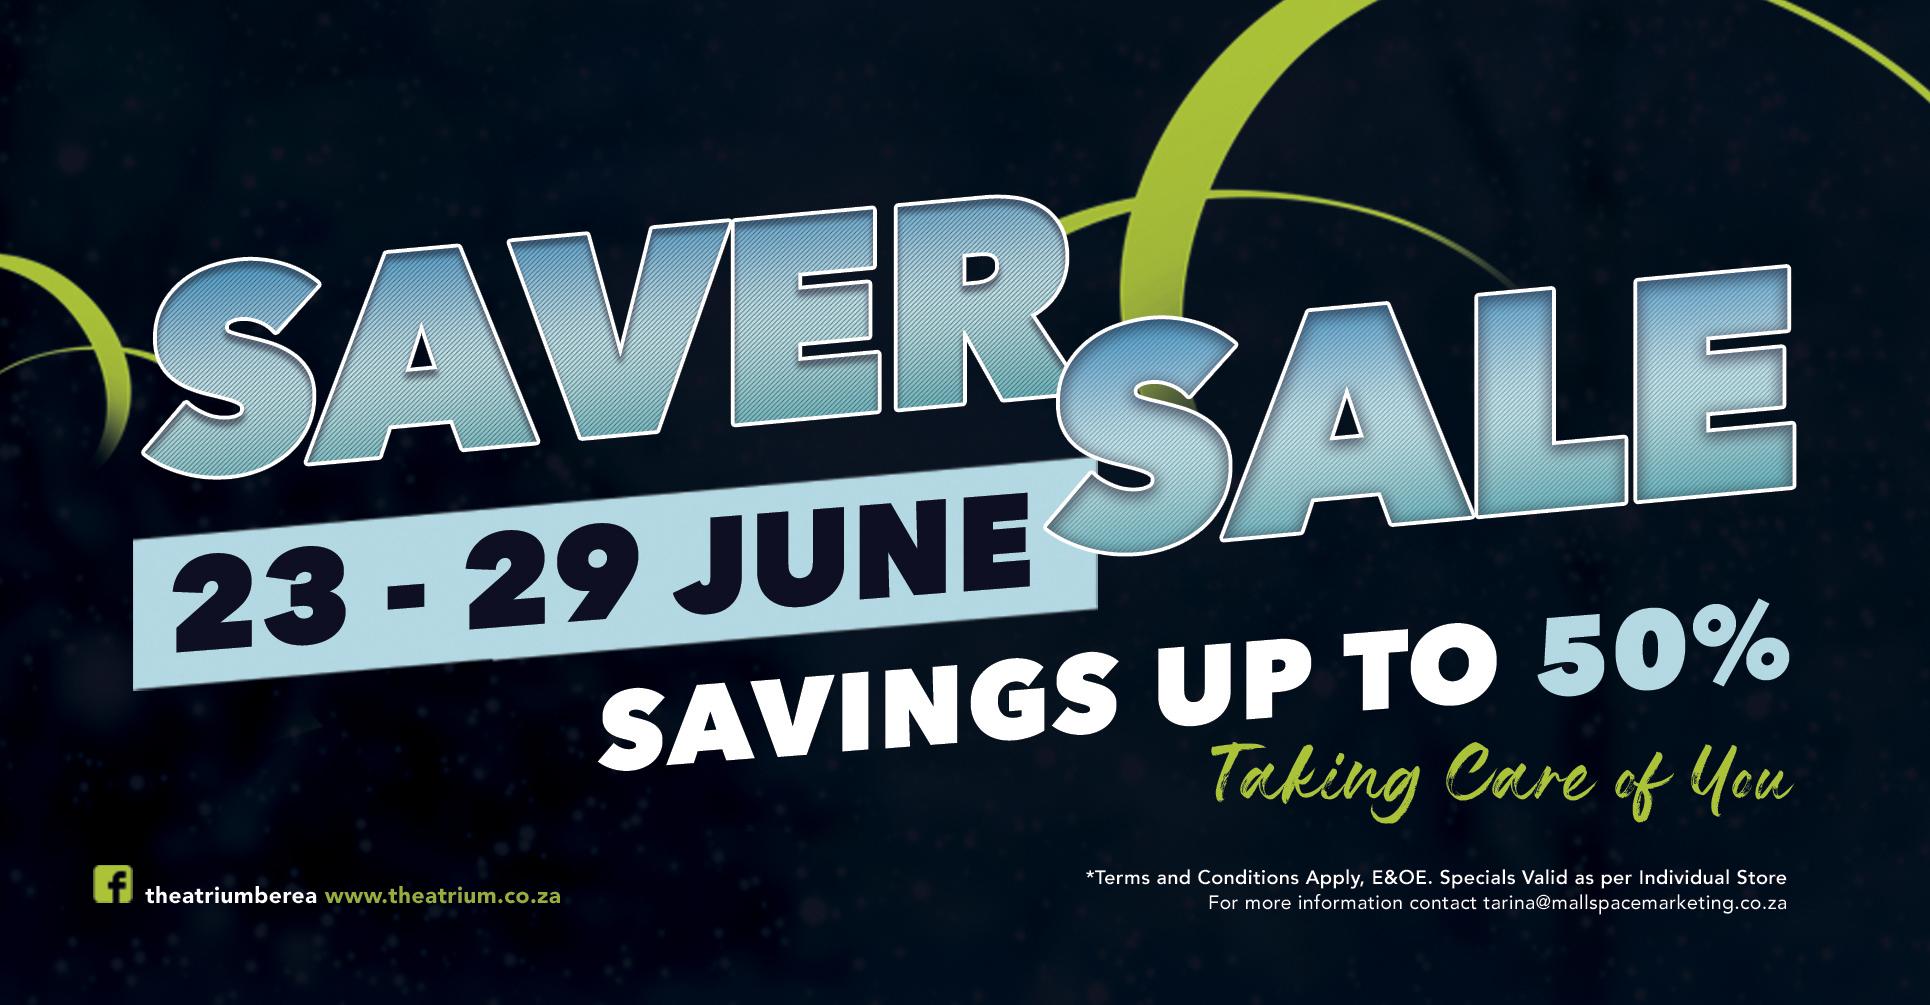 The Atrium Saver Specials Catalog and Side Walk Sale